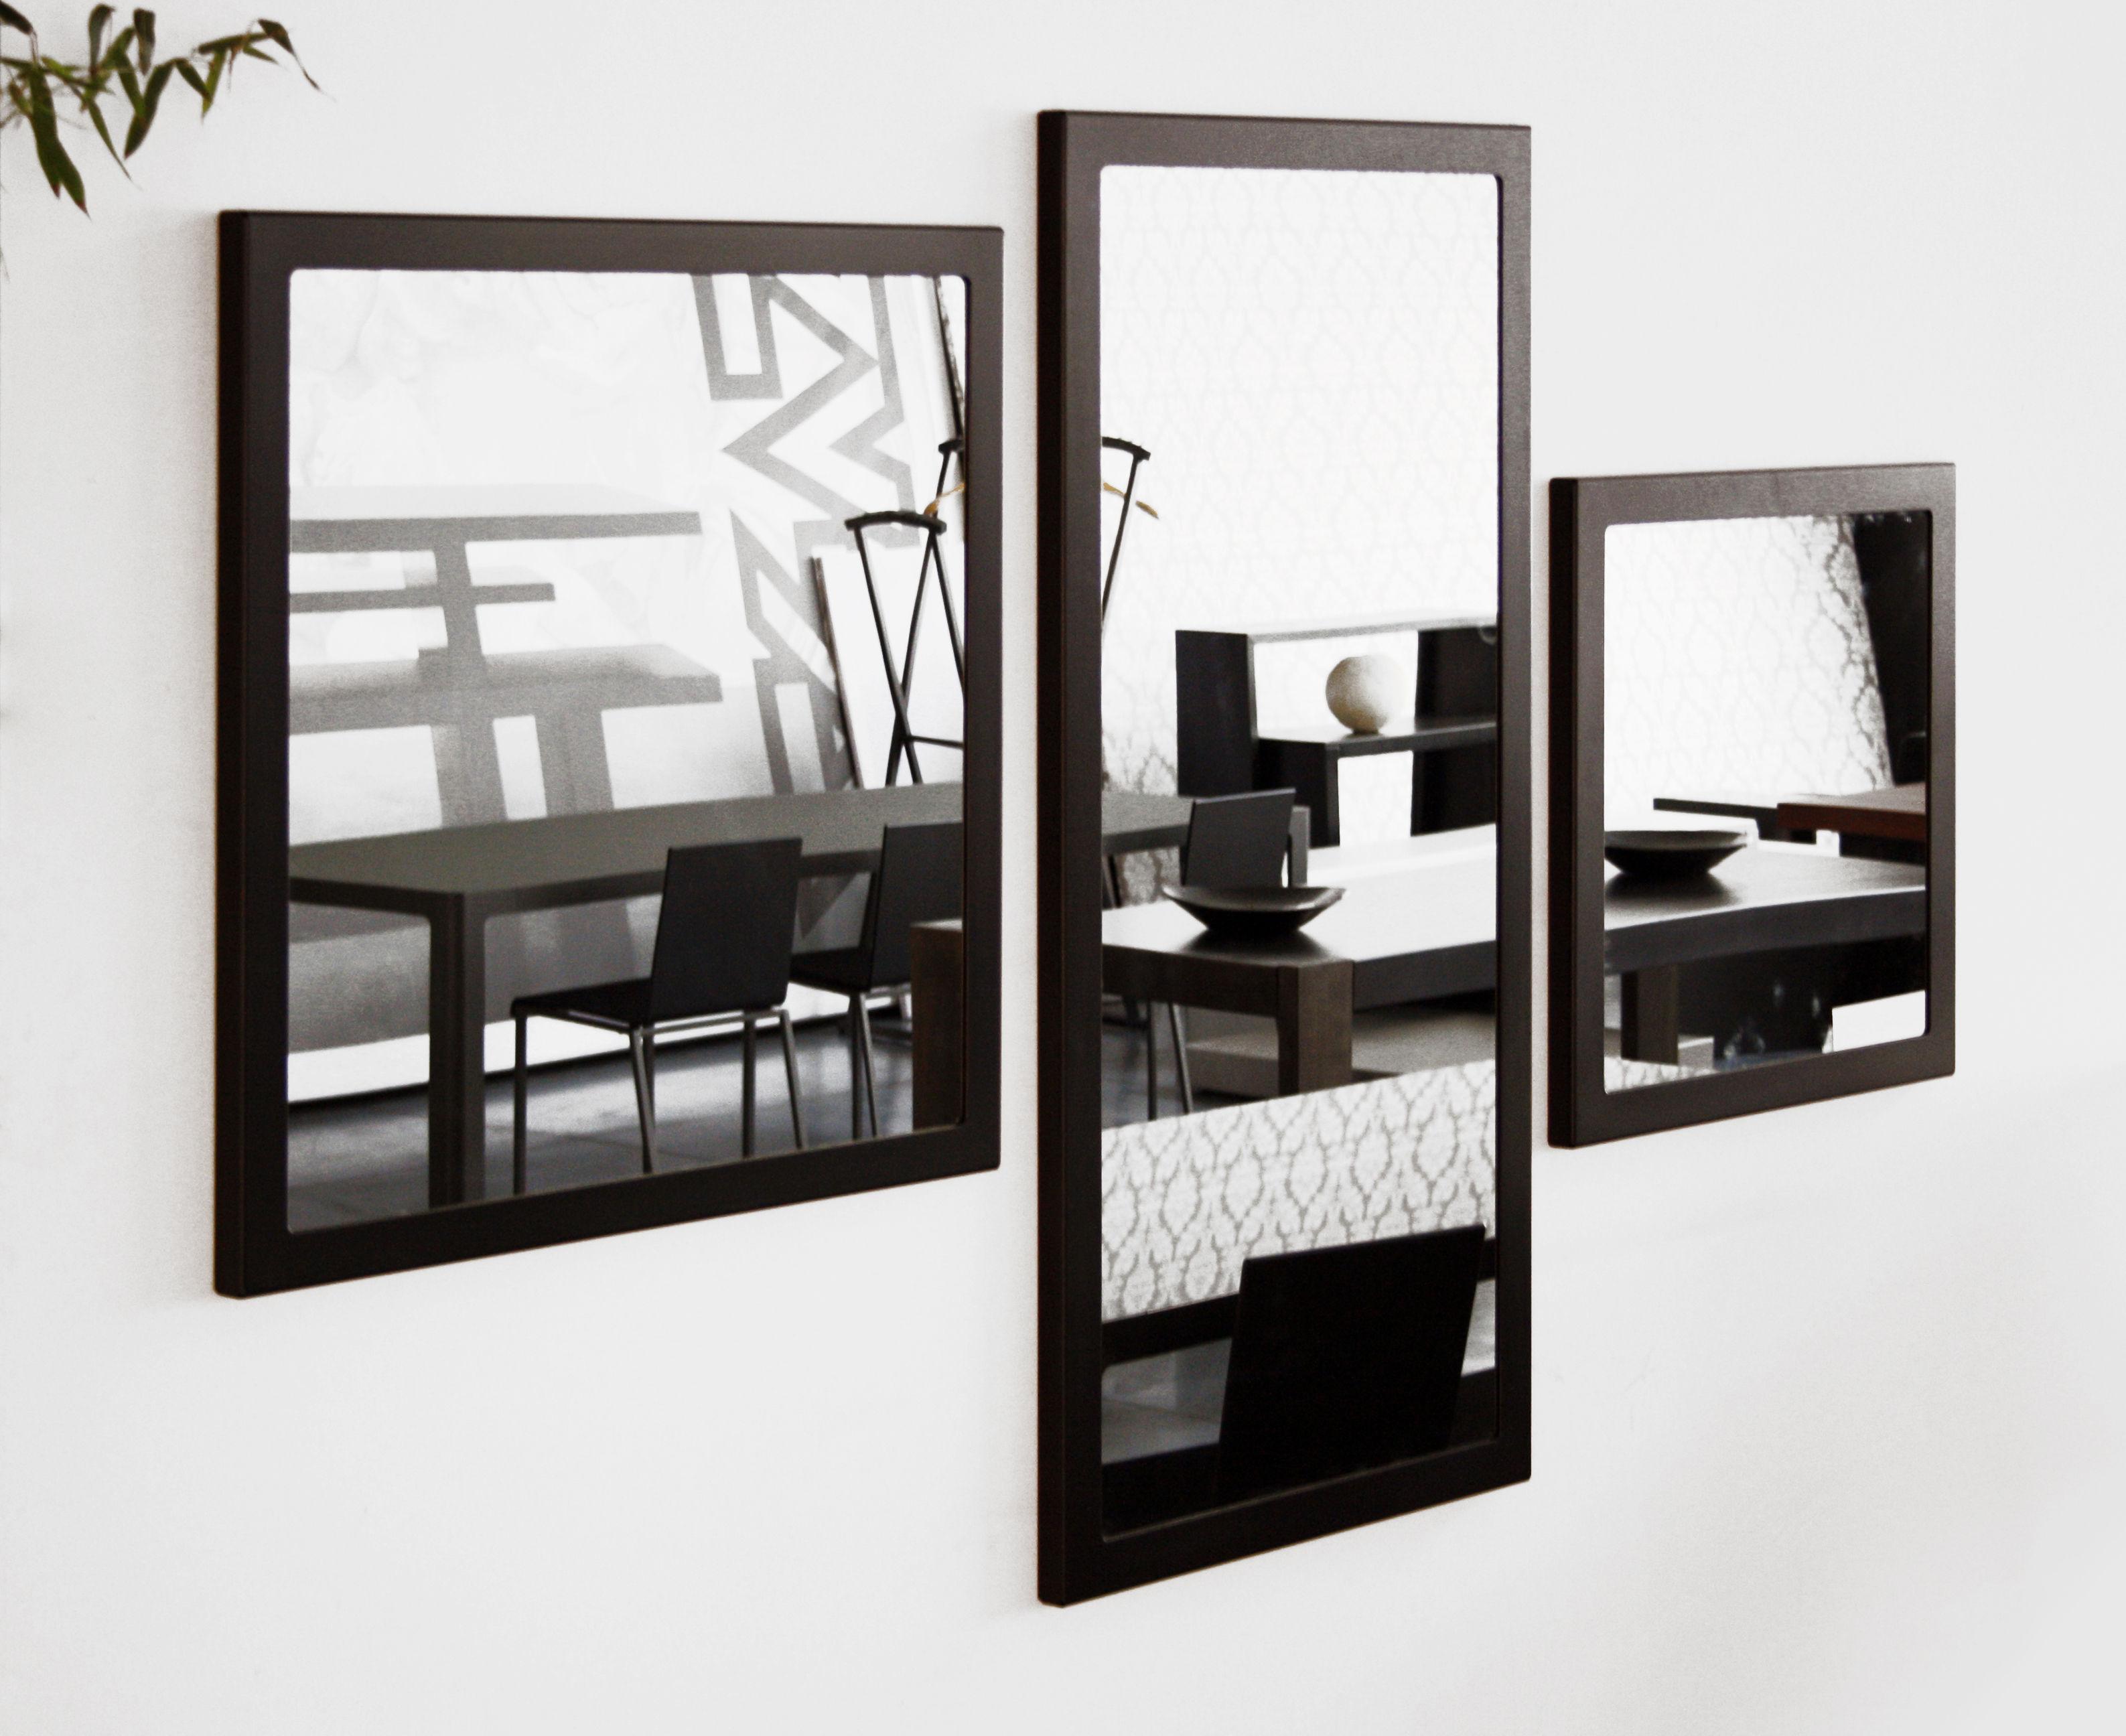 little frame 60 x 60 cm zeus wandspiegel. Black Bedroom Furniture Sets. Home Design Ideas